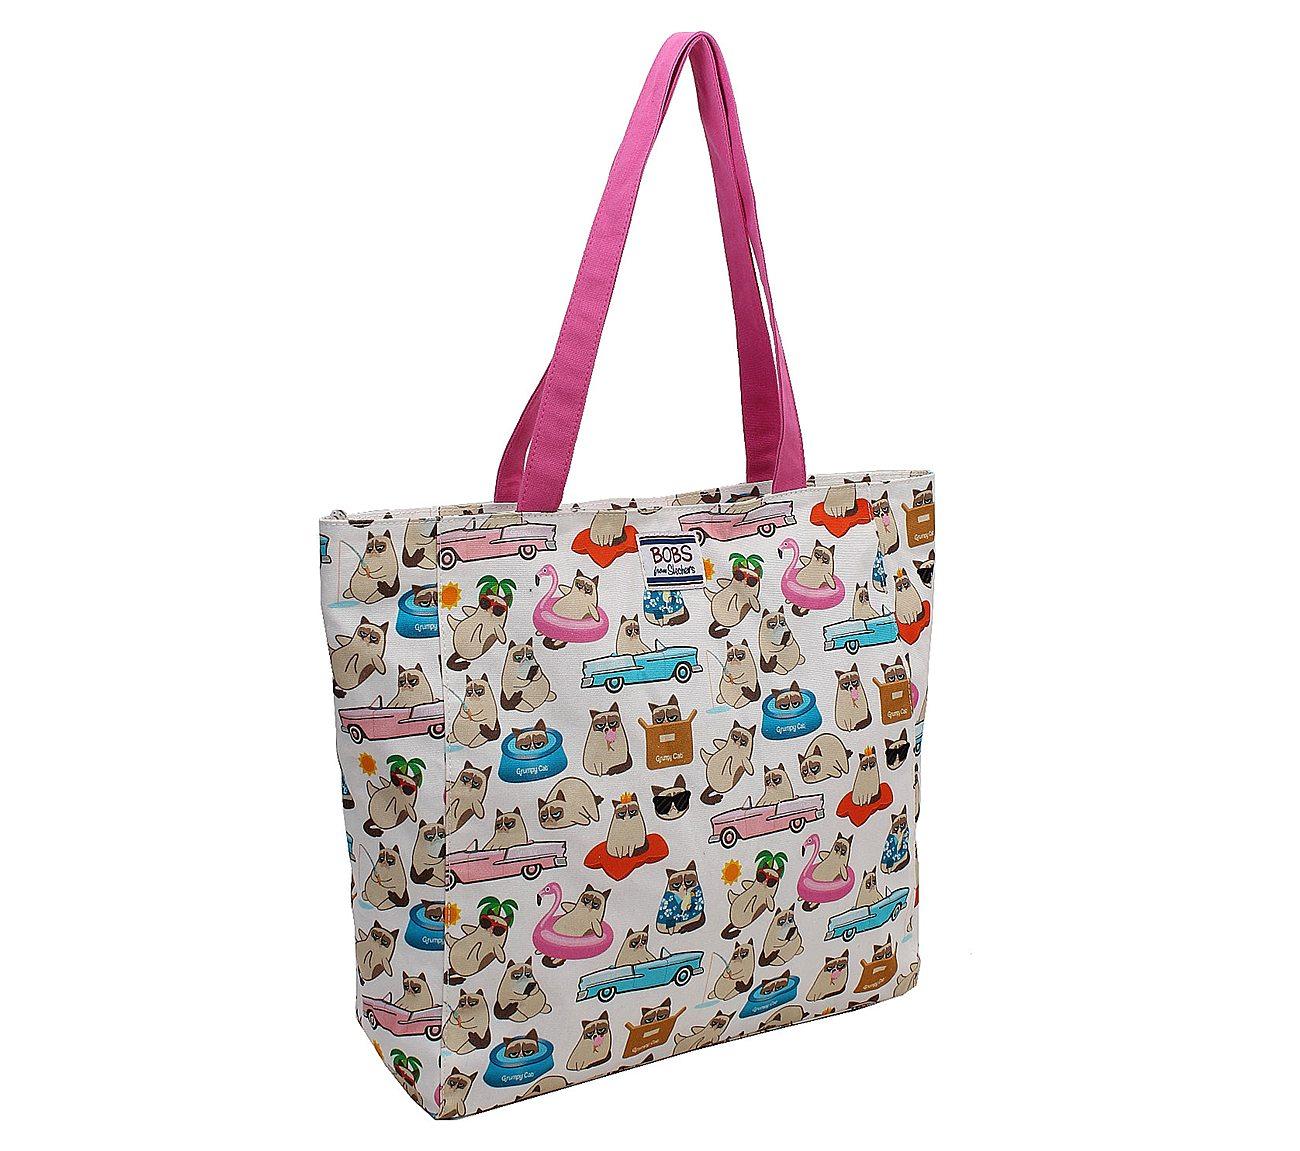 817d5c58215d BOBS Grumpy Vacay Tote Bag